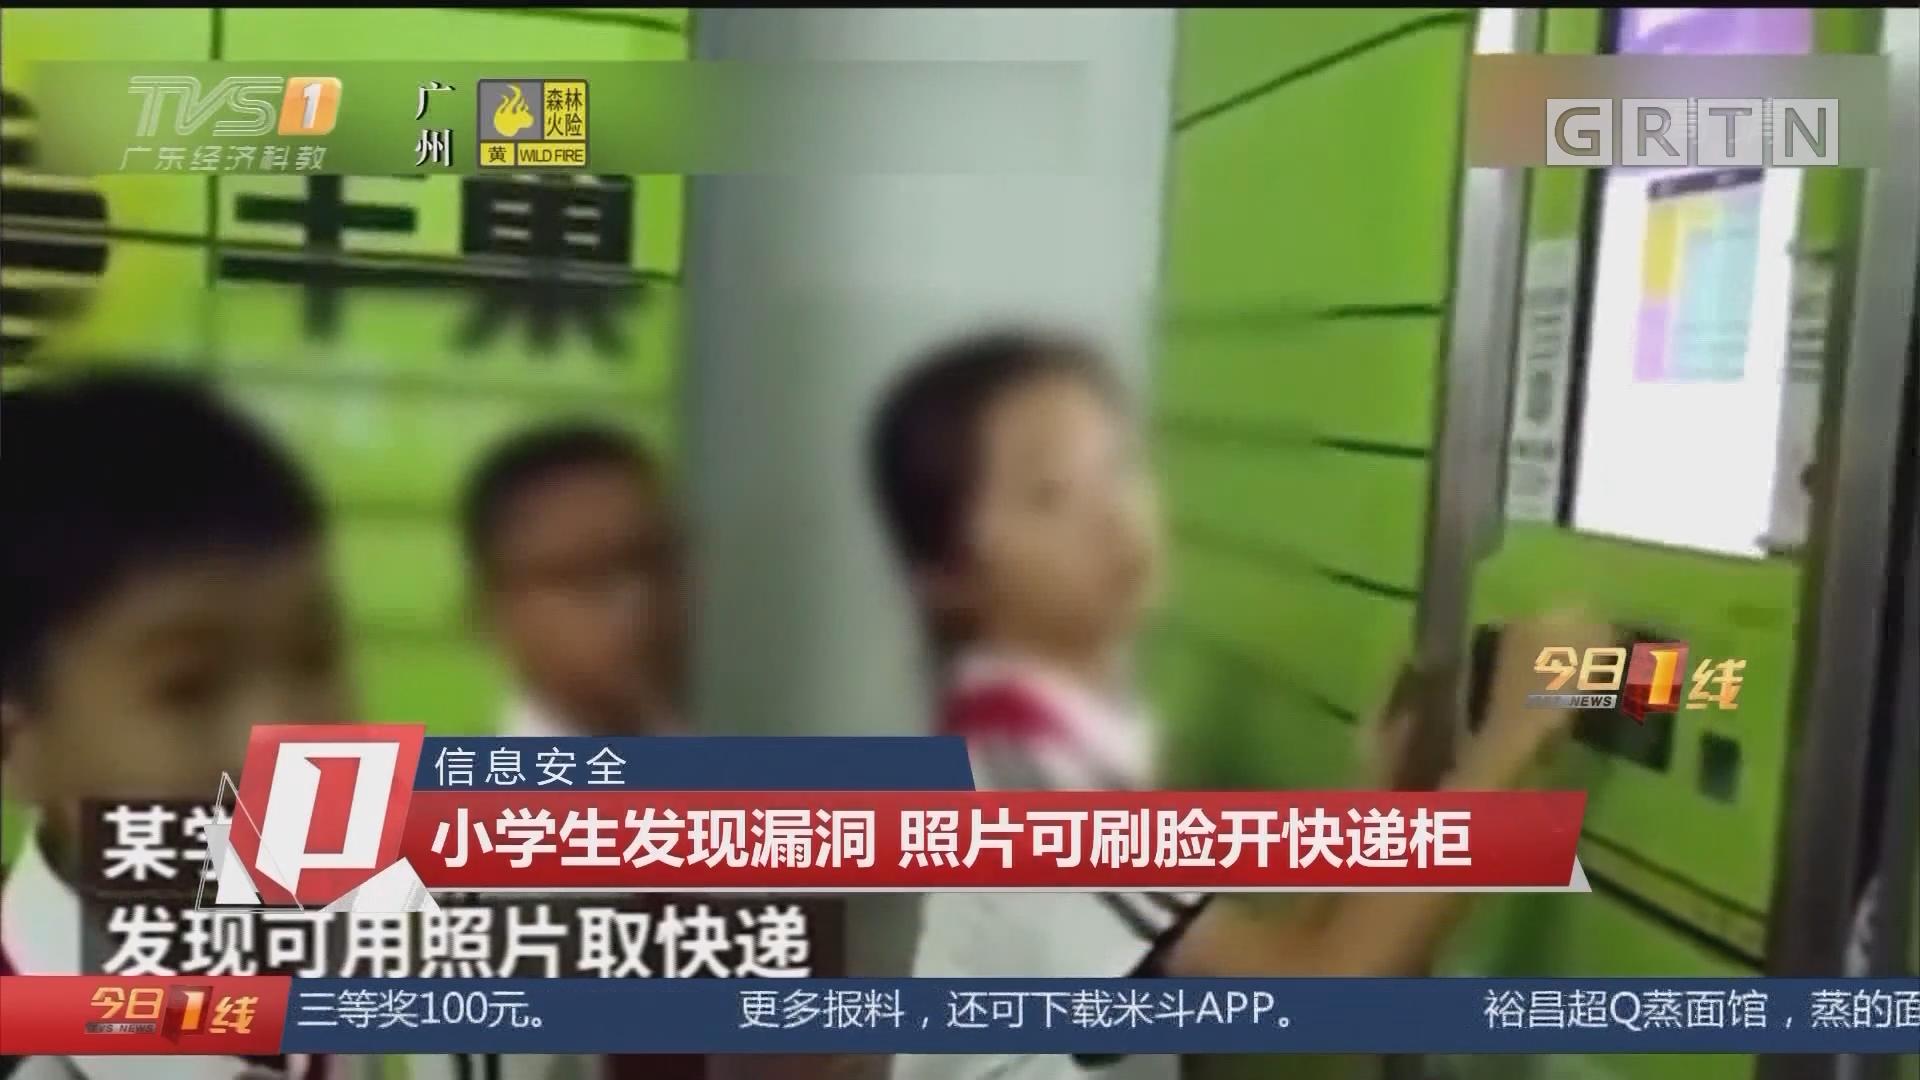 信息安全:小学生发现漏洞 照片可刷脸开快递柜